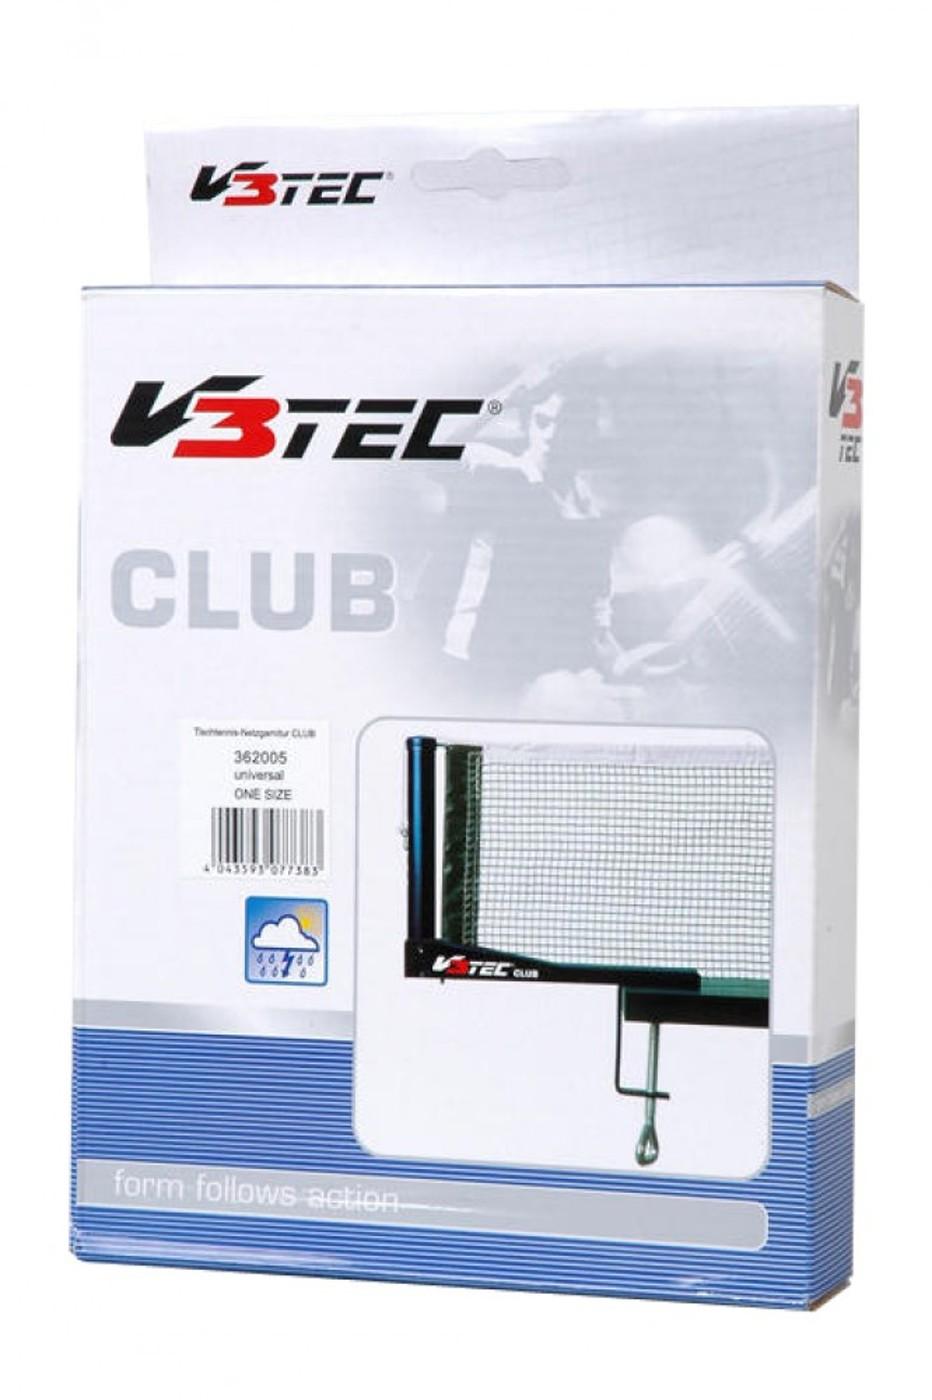 V3TEC CLUB